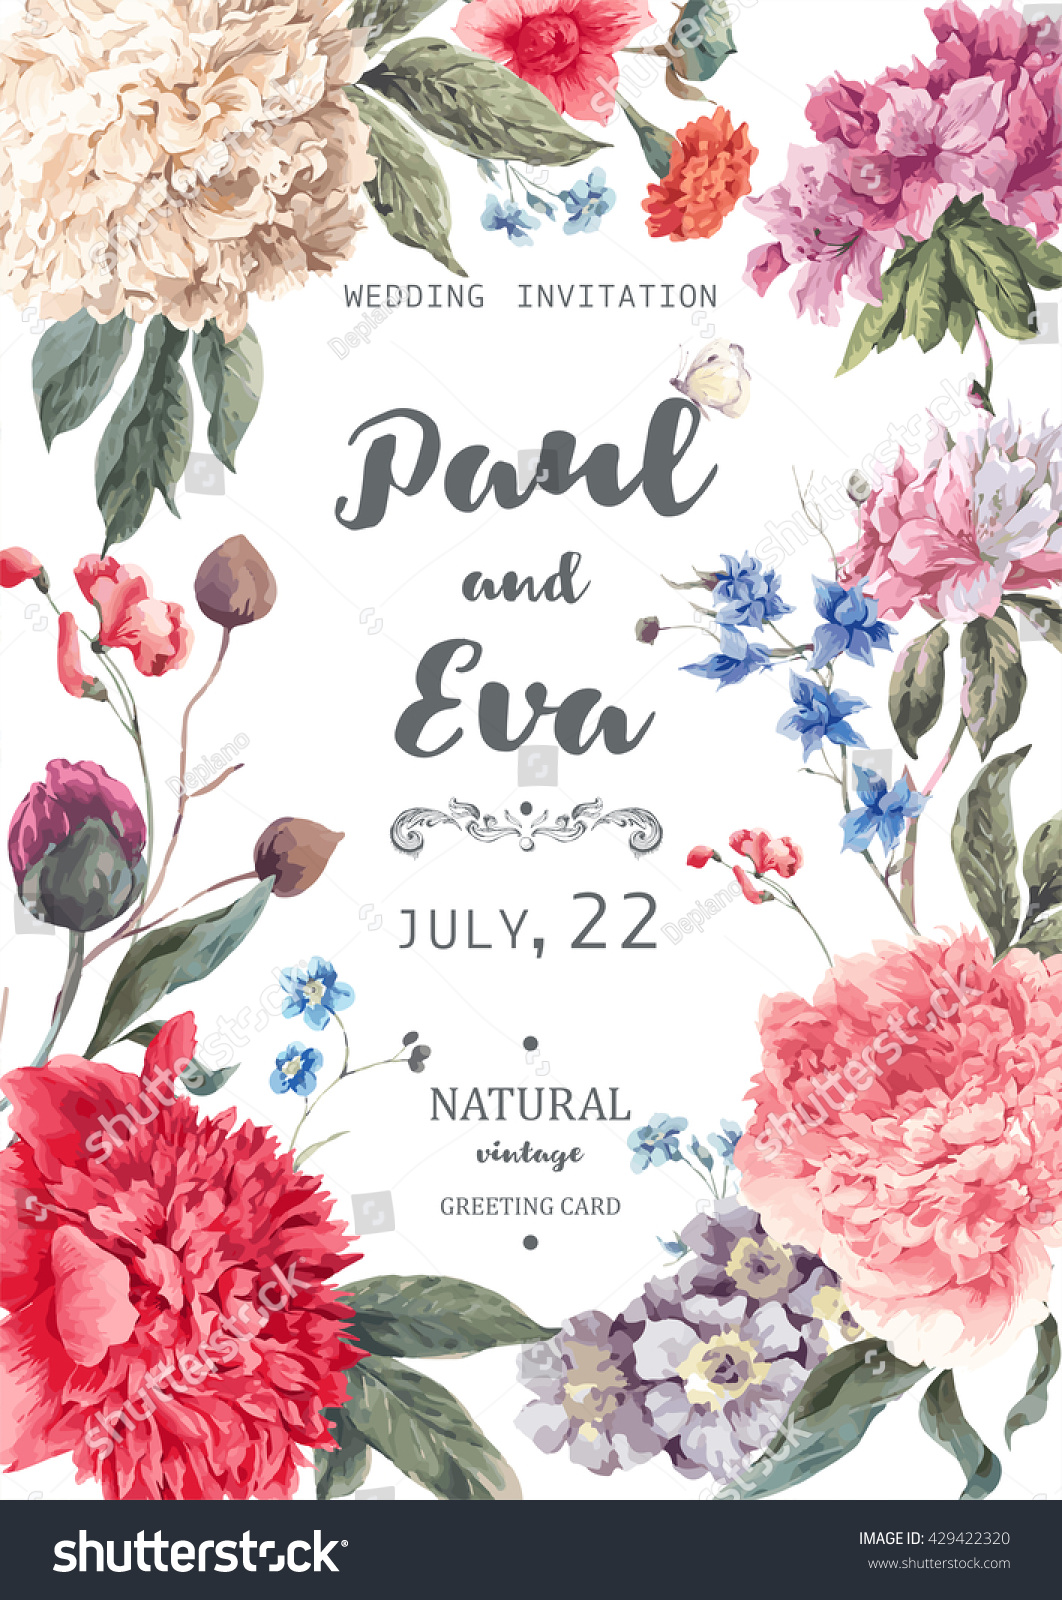 Vintage Watercolor Floral Vector Wedding Invitation Stock Vector ...